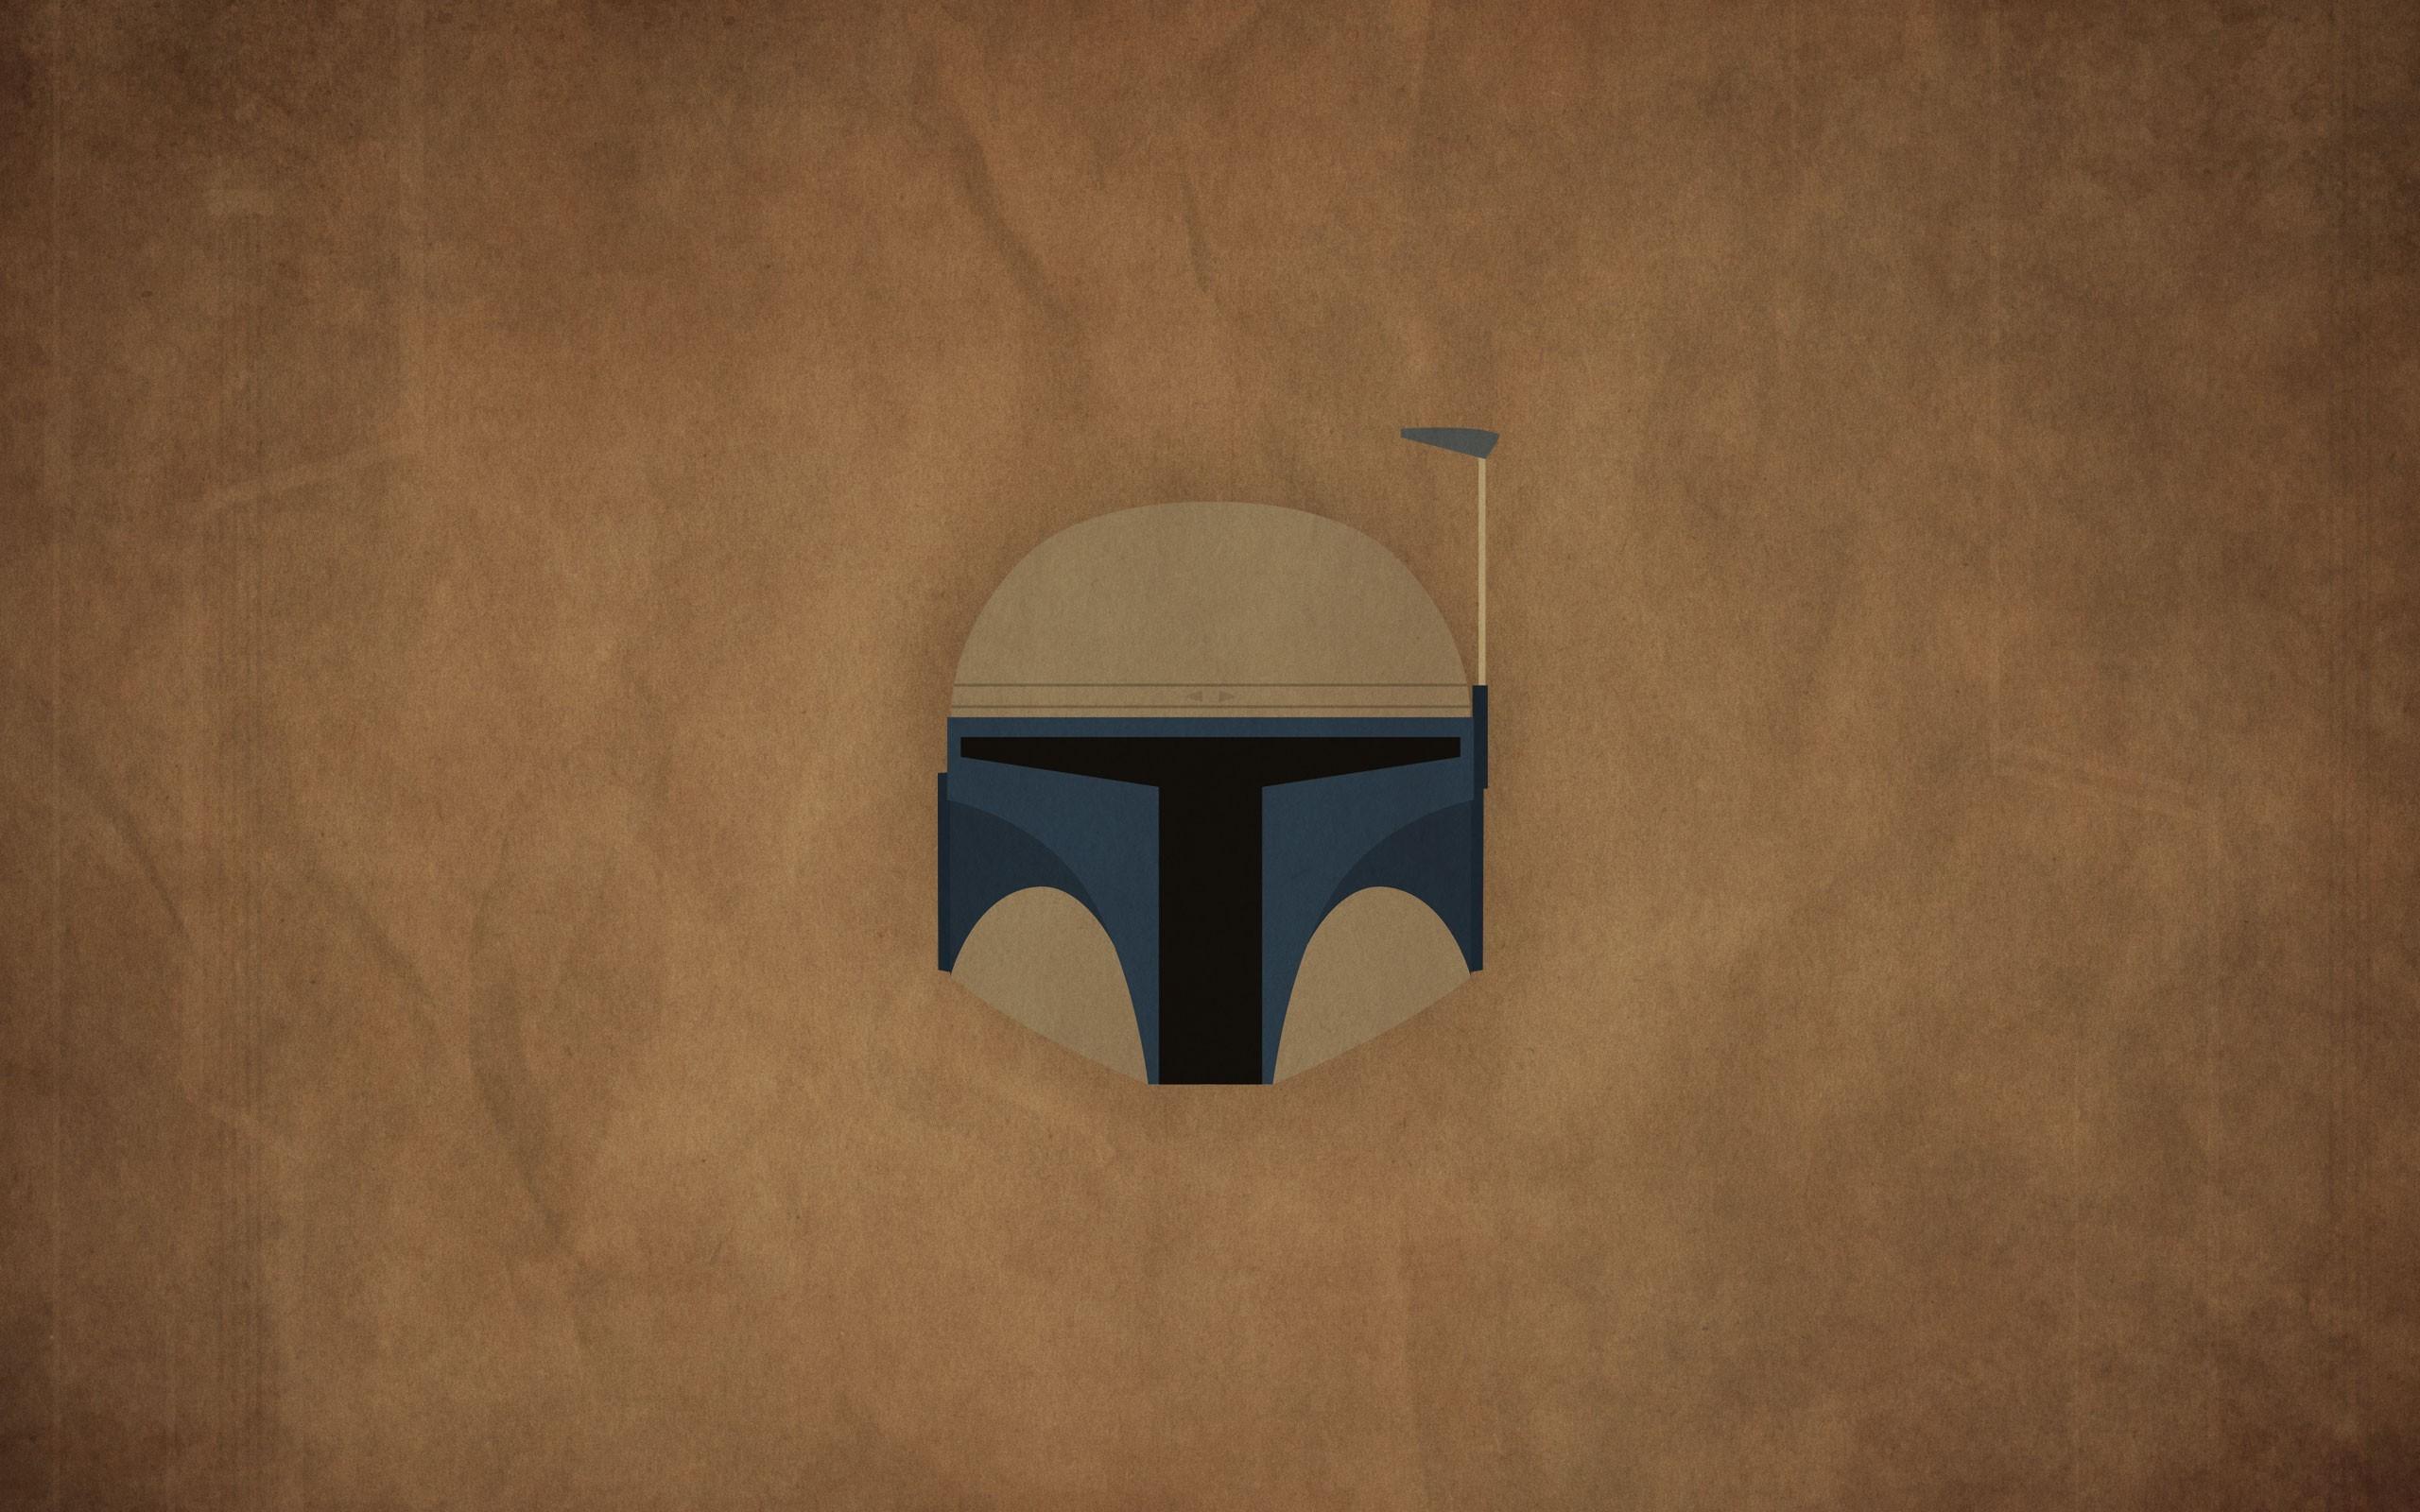 Star Wars, Jango Fett Wallpapers HD / Desktop and Mobile .